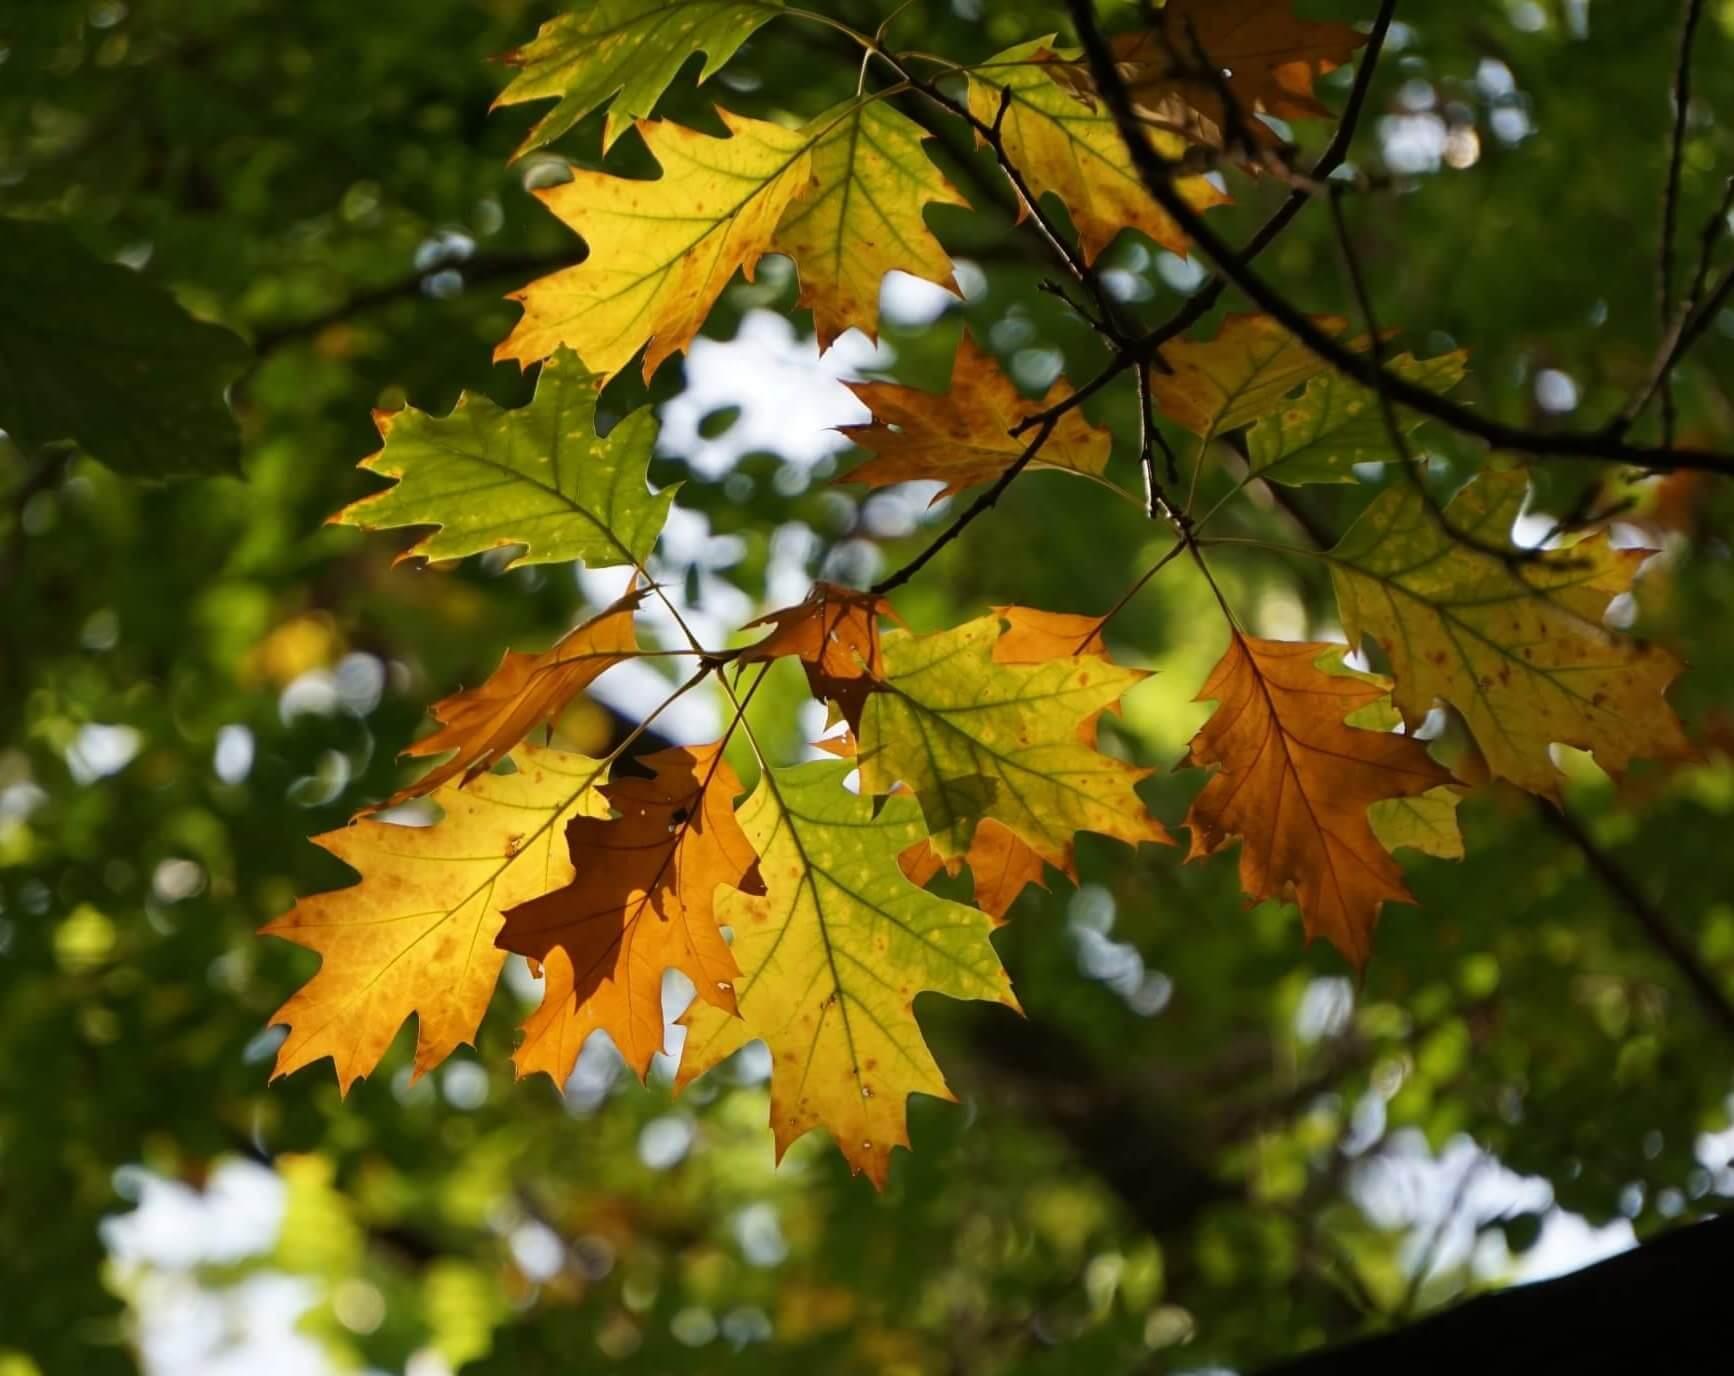 Das Bild zeigt die Blätter einer Rot-Eiche im Gegenlicht Ende September. An ihnen zeigen sich gut die Stufen der Herbstverfärbung, wobei die ursprünglich sommergrünen Blätter sich durch den Abbau des grünen Farbstoffs Chlorophyll und die Bildung von Karotinen zunächst gelb verfärben, um bei einer anschließenden Trocknung dann braun-orange zu werden. Hier an einem Exemplar am oberen Hangbereich der Müggelberge.